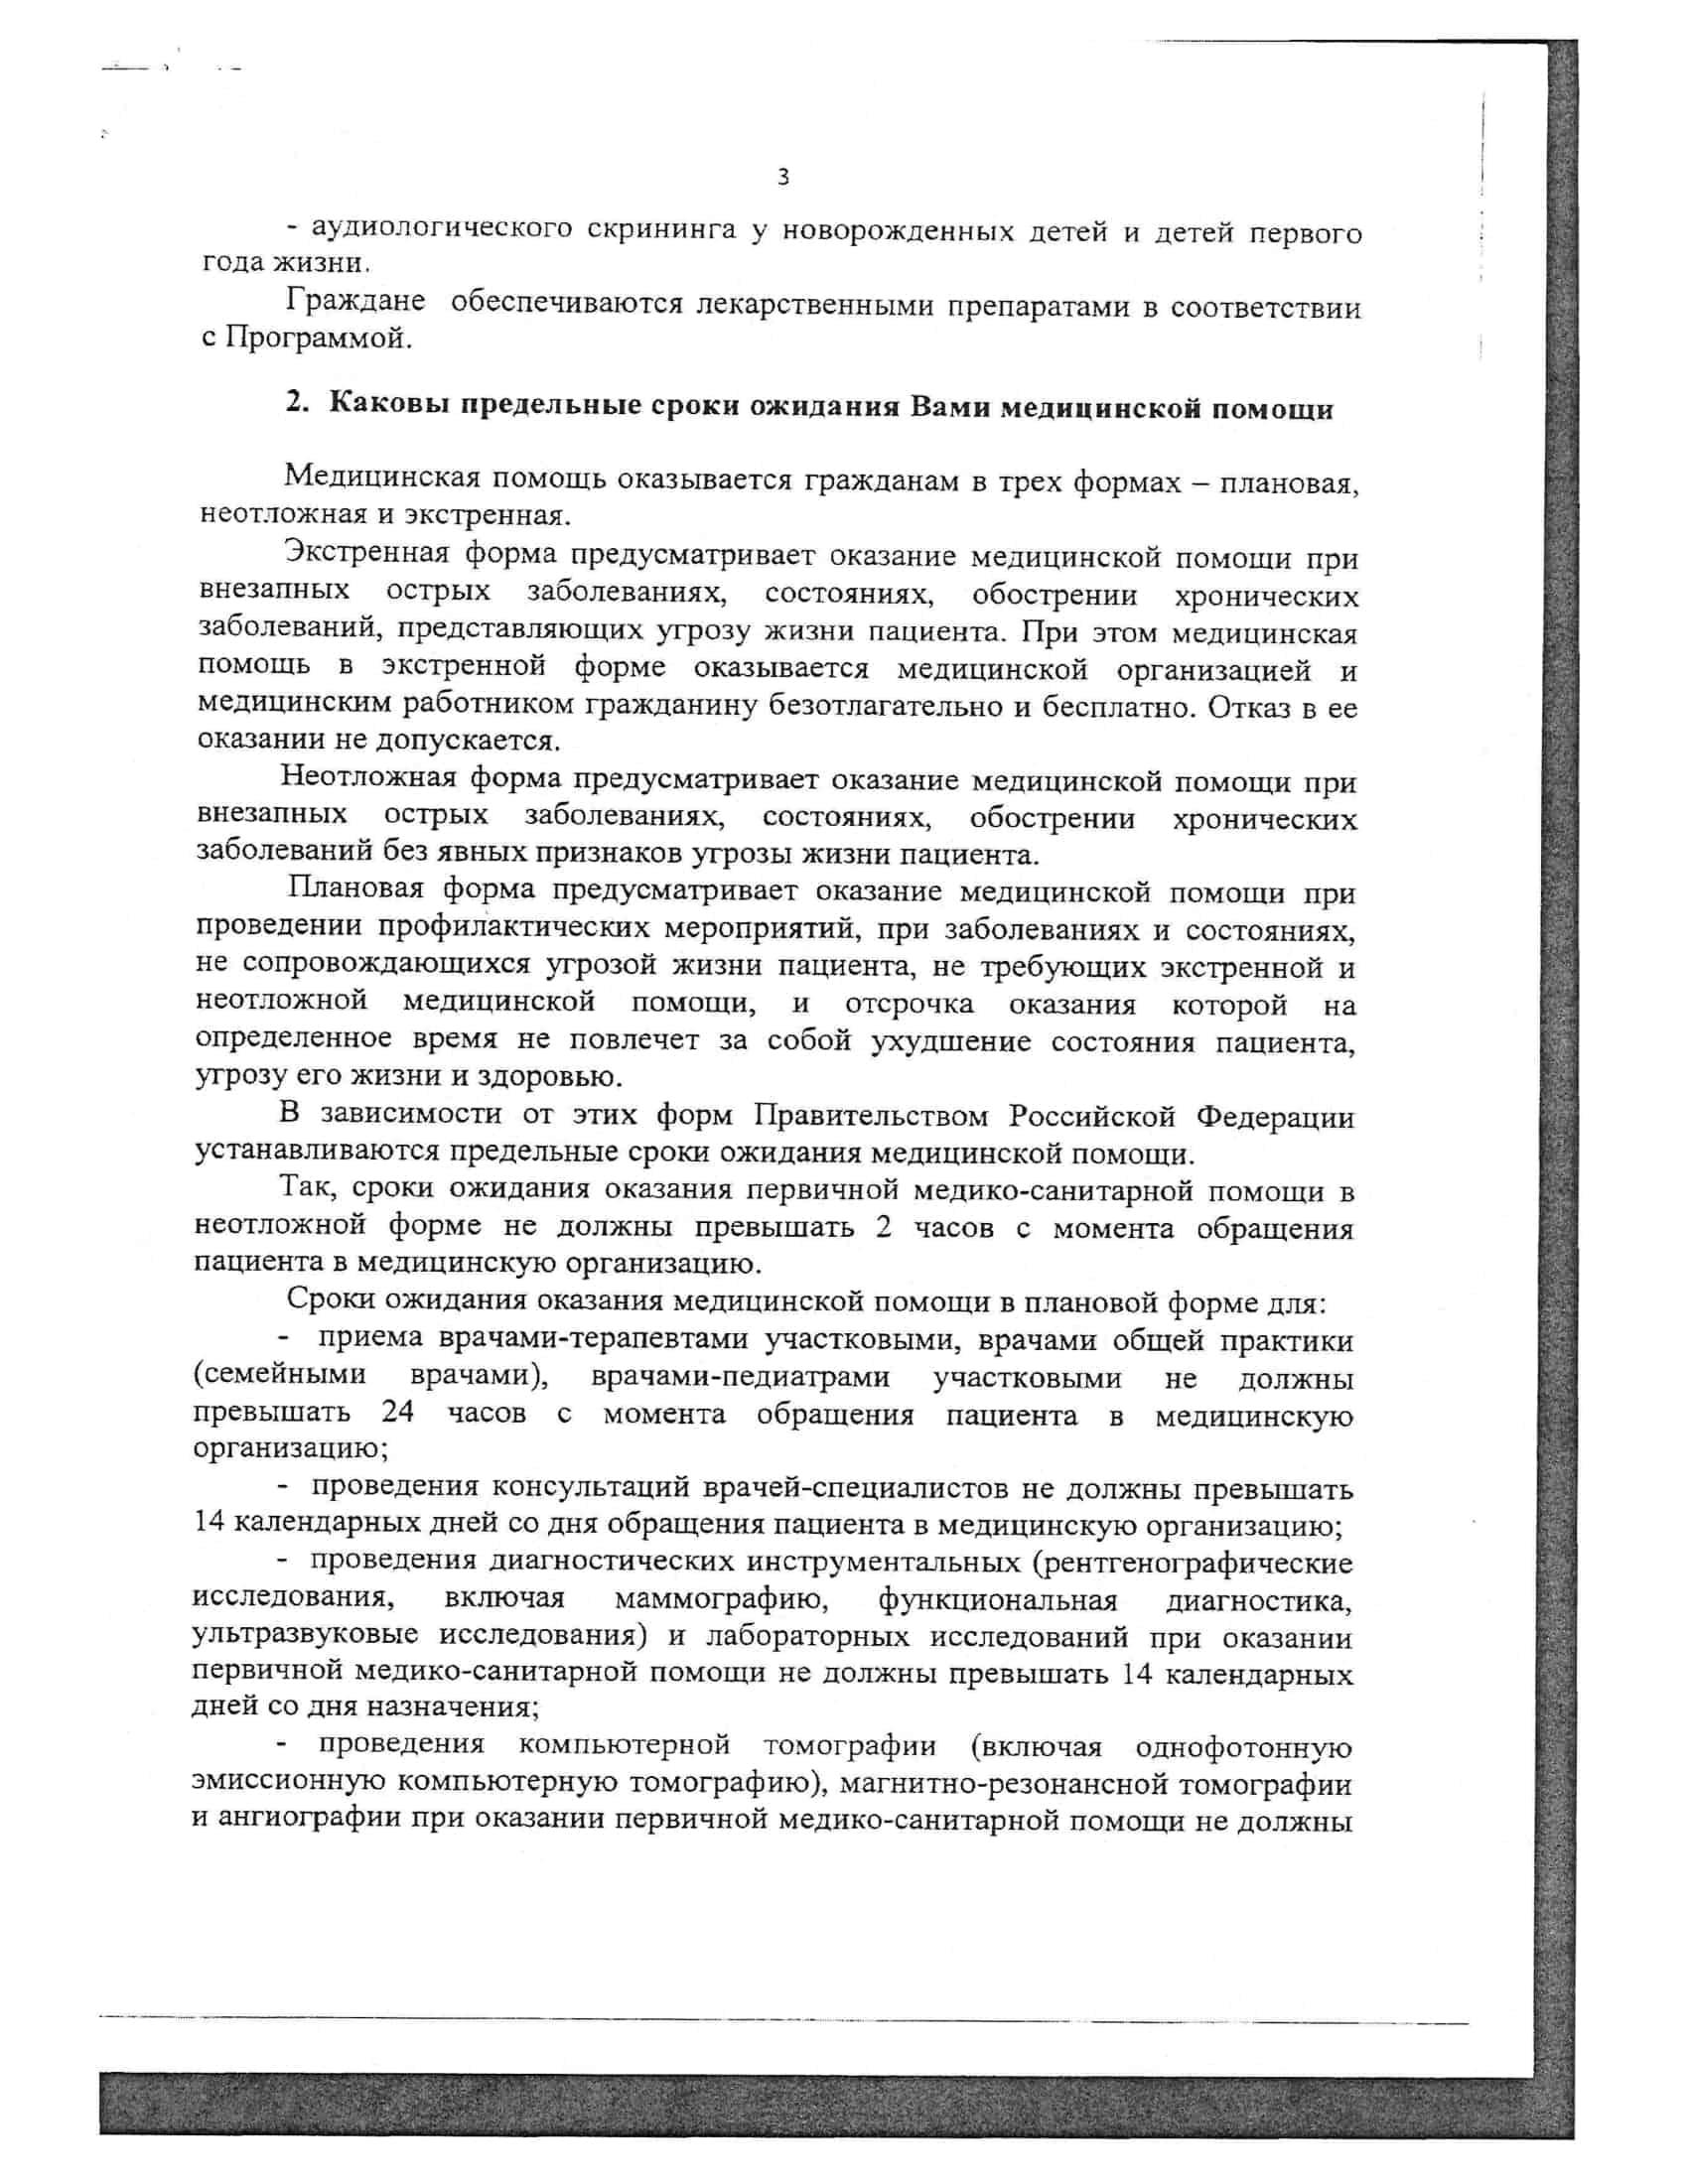 закон о медицинских представителях